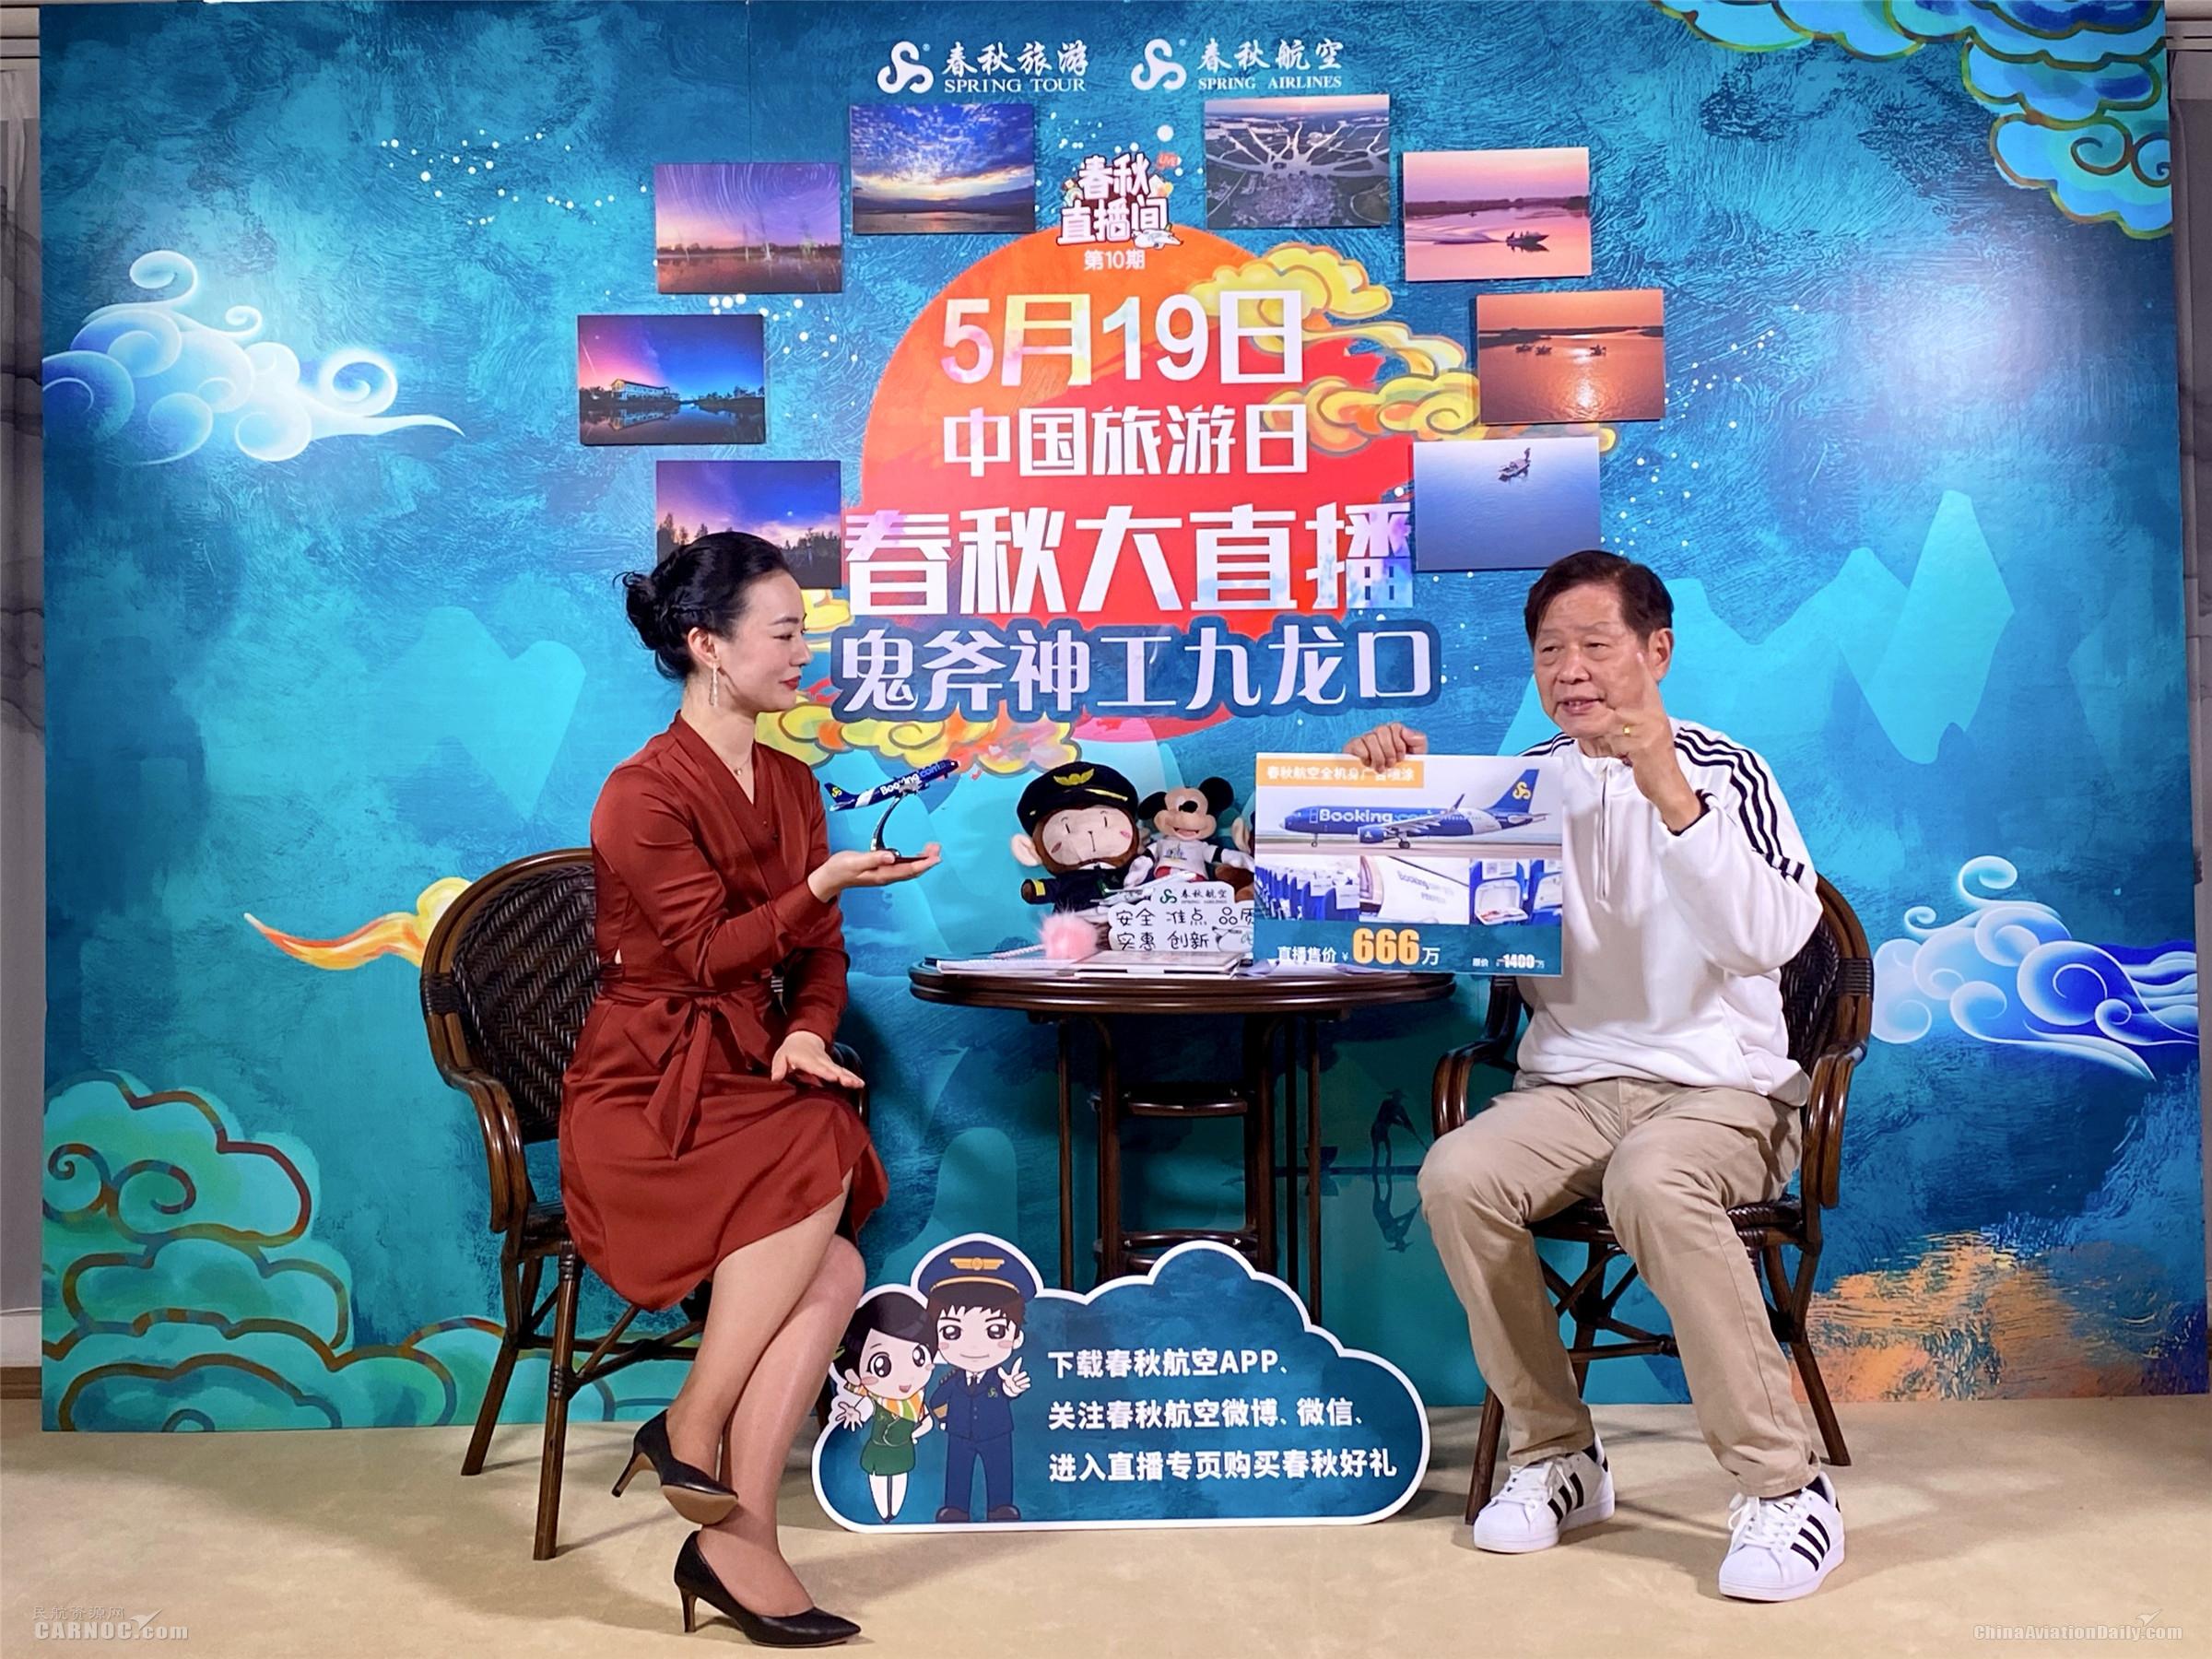 春秋创始人王正华为家乡直播代言 带货破3000万